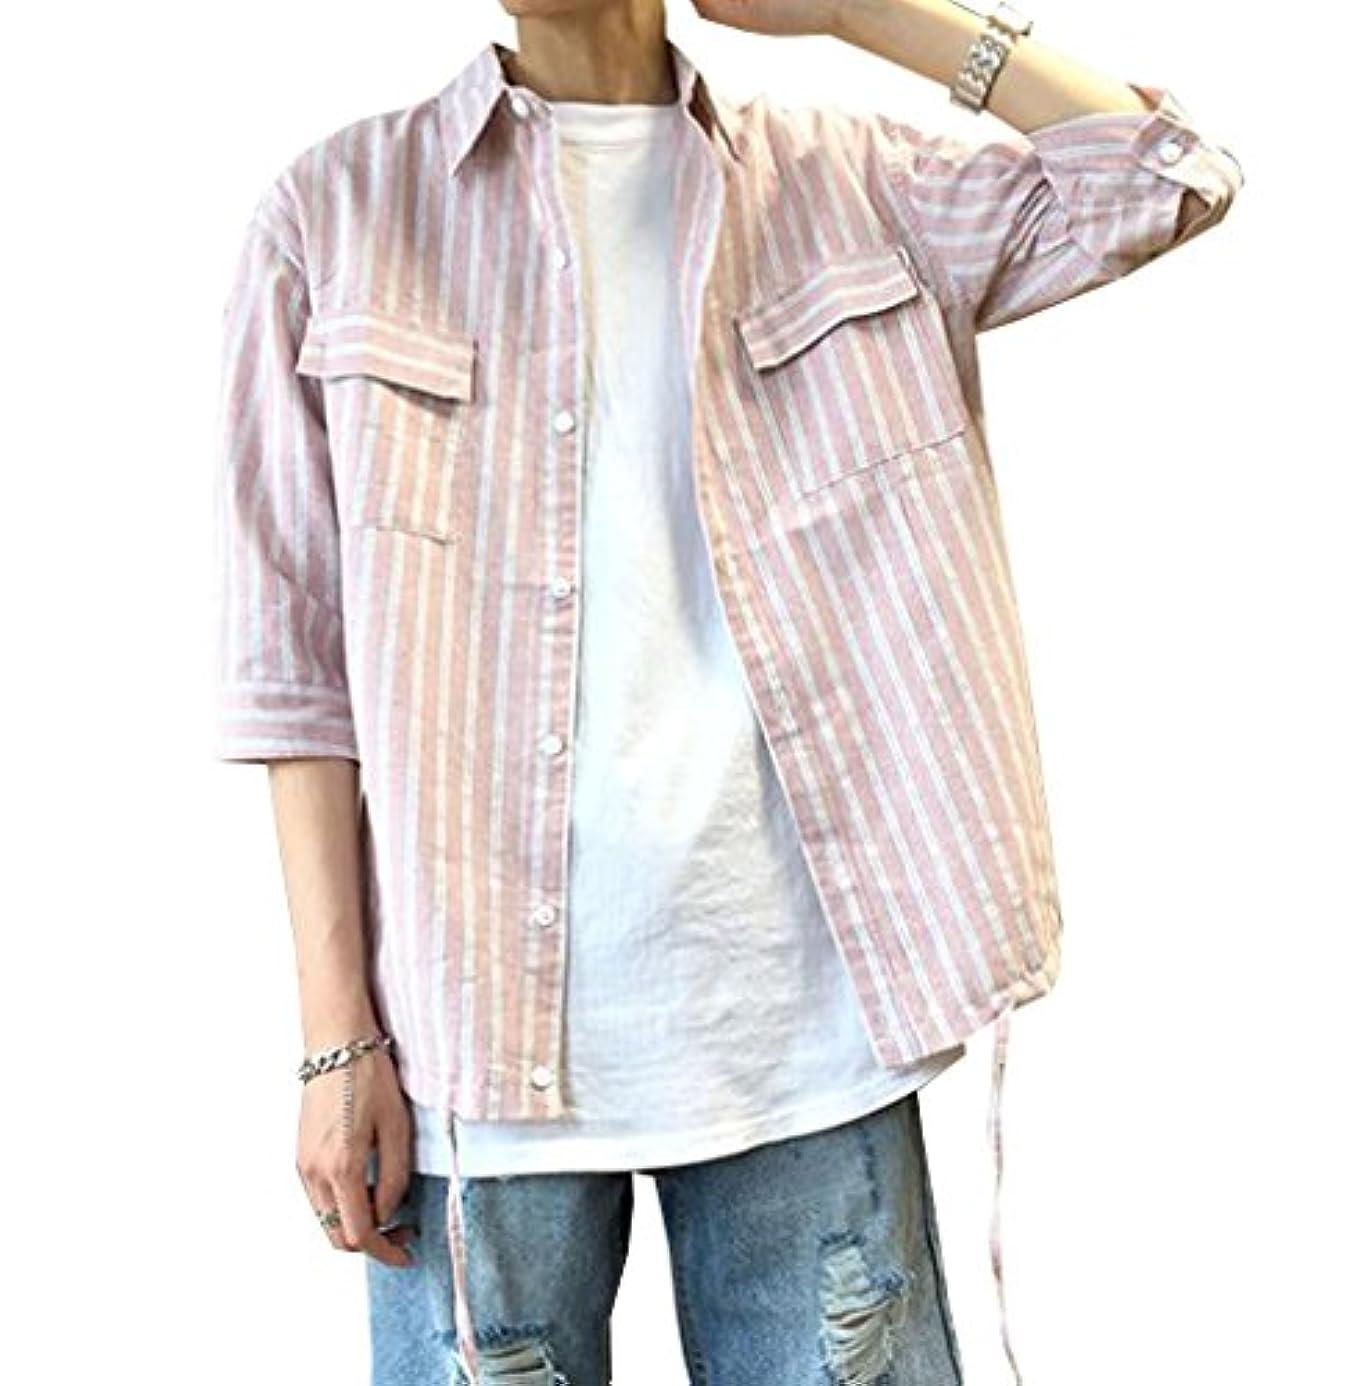 行浴海軍PuHao (プハオ) 五分袖シャツ 襟付き ポケット付き ストライプシャツ ストレッチ オックス スリム シャツ メンズ ボタンダウン ワイドカラー 無地